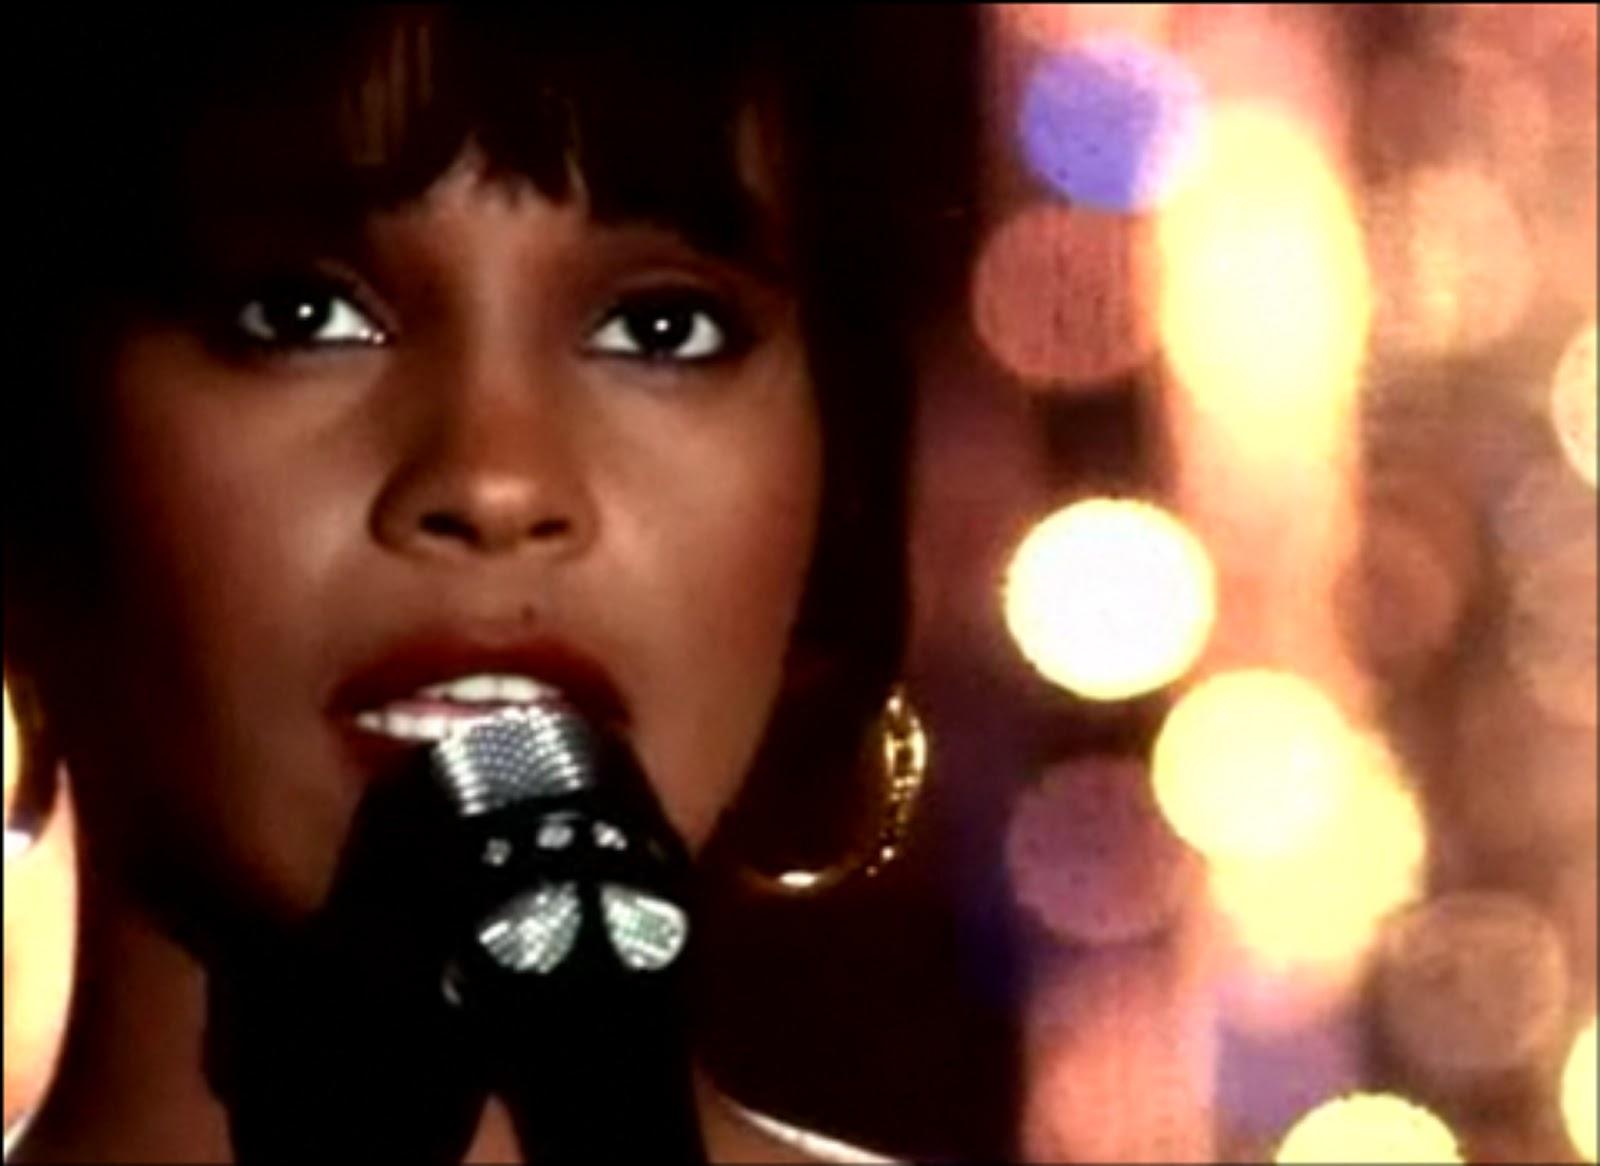 http://2.bp.blogspot.com/-653cVZePhc0/TzdeL1z8g3I/AAAAAAAAB8E/CMOmdl1f0-c/s1600/Whitney+Houston+Is+Dead.jpg